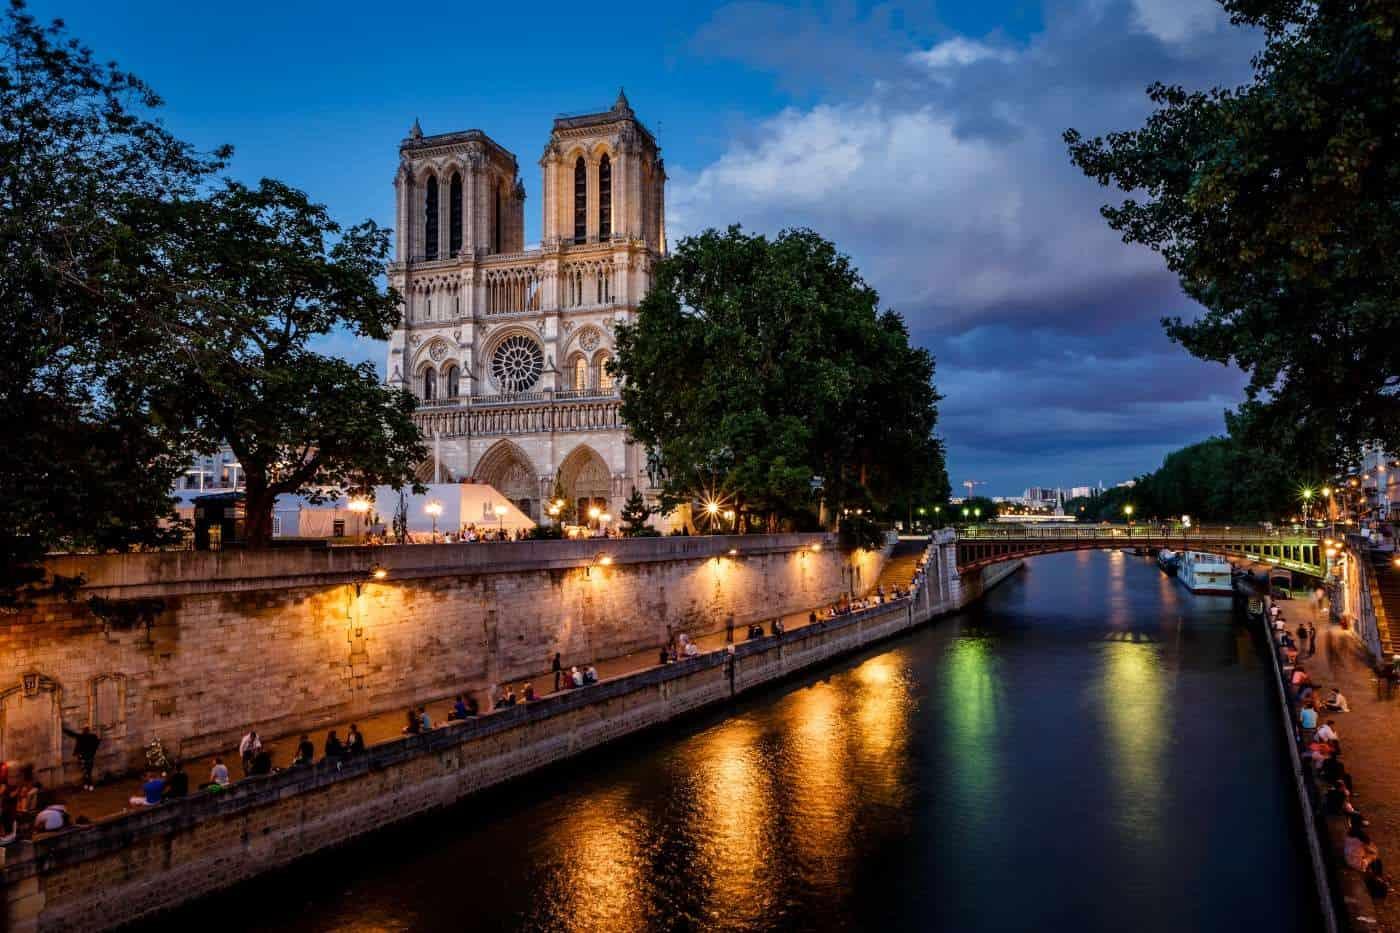 Γαλλικά Χαρά Πολίτη στο Αγρίνιο: Μεγάλη επιτυχία για τους μαθητές στις εξετάσεις